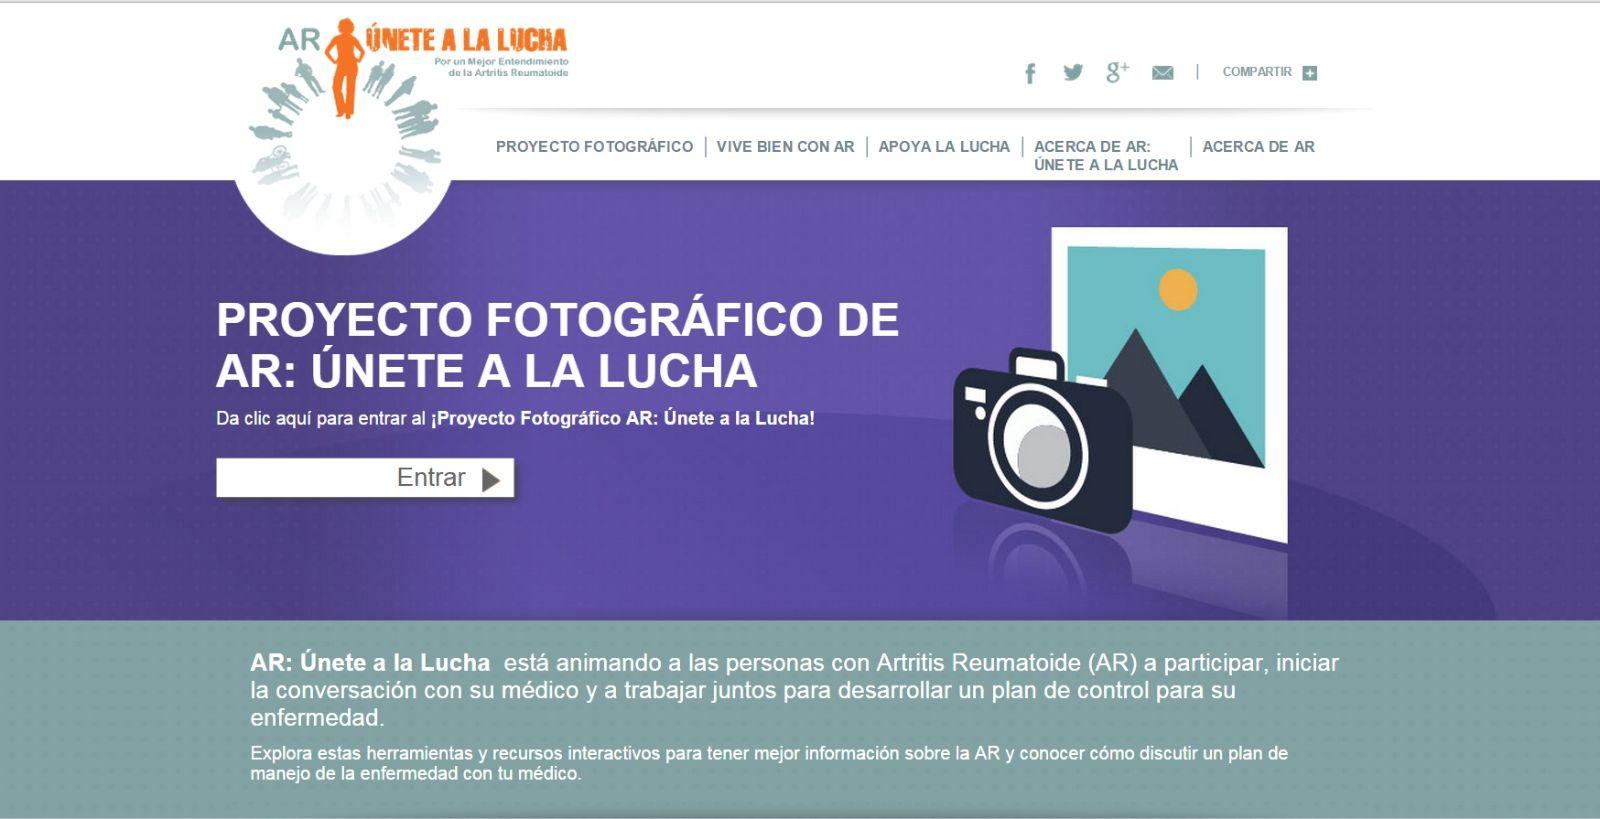 Captura de la pantalla del sitio AR: Únete a la lucha http://www.arunetealalucha.com/